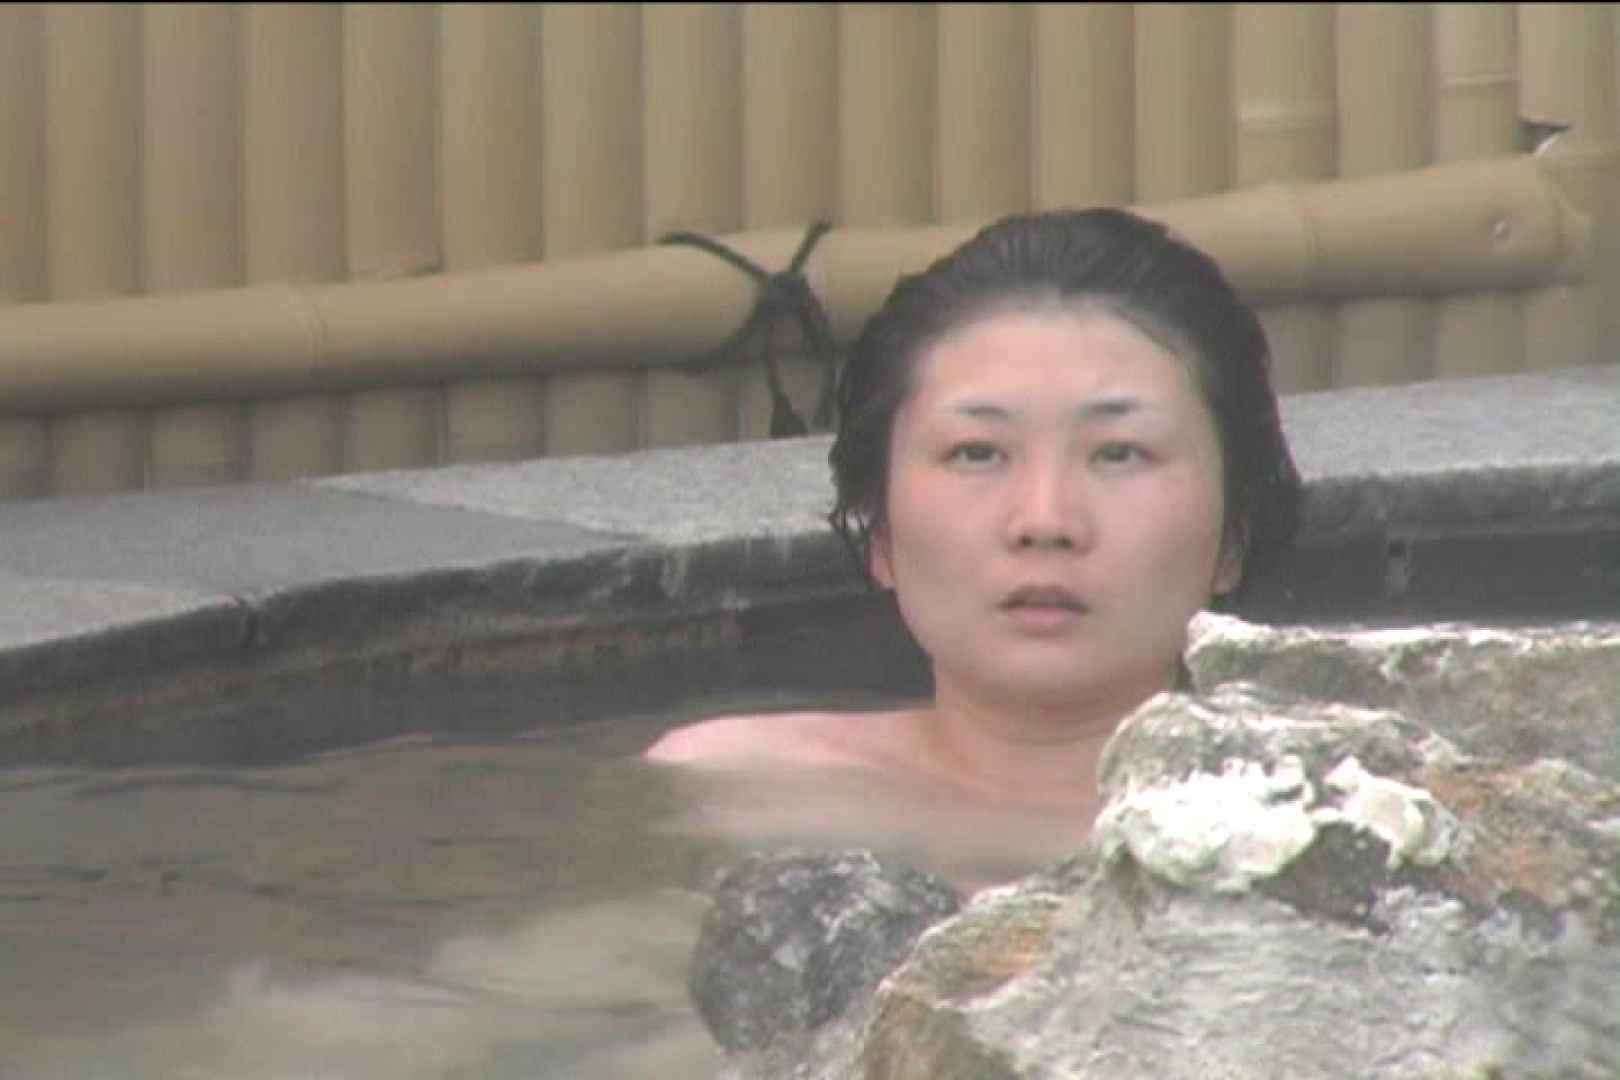 Aquaな露天風呂Vol.531 盗撮 | 綺麗なOLたち  76枚 46